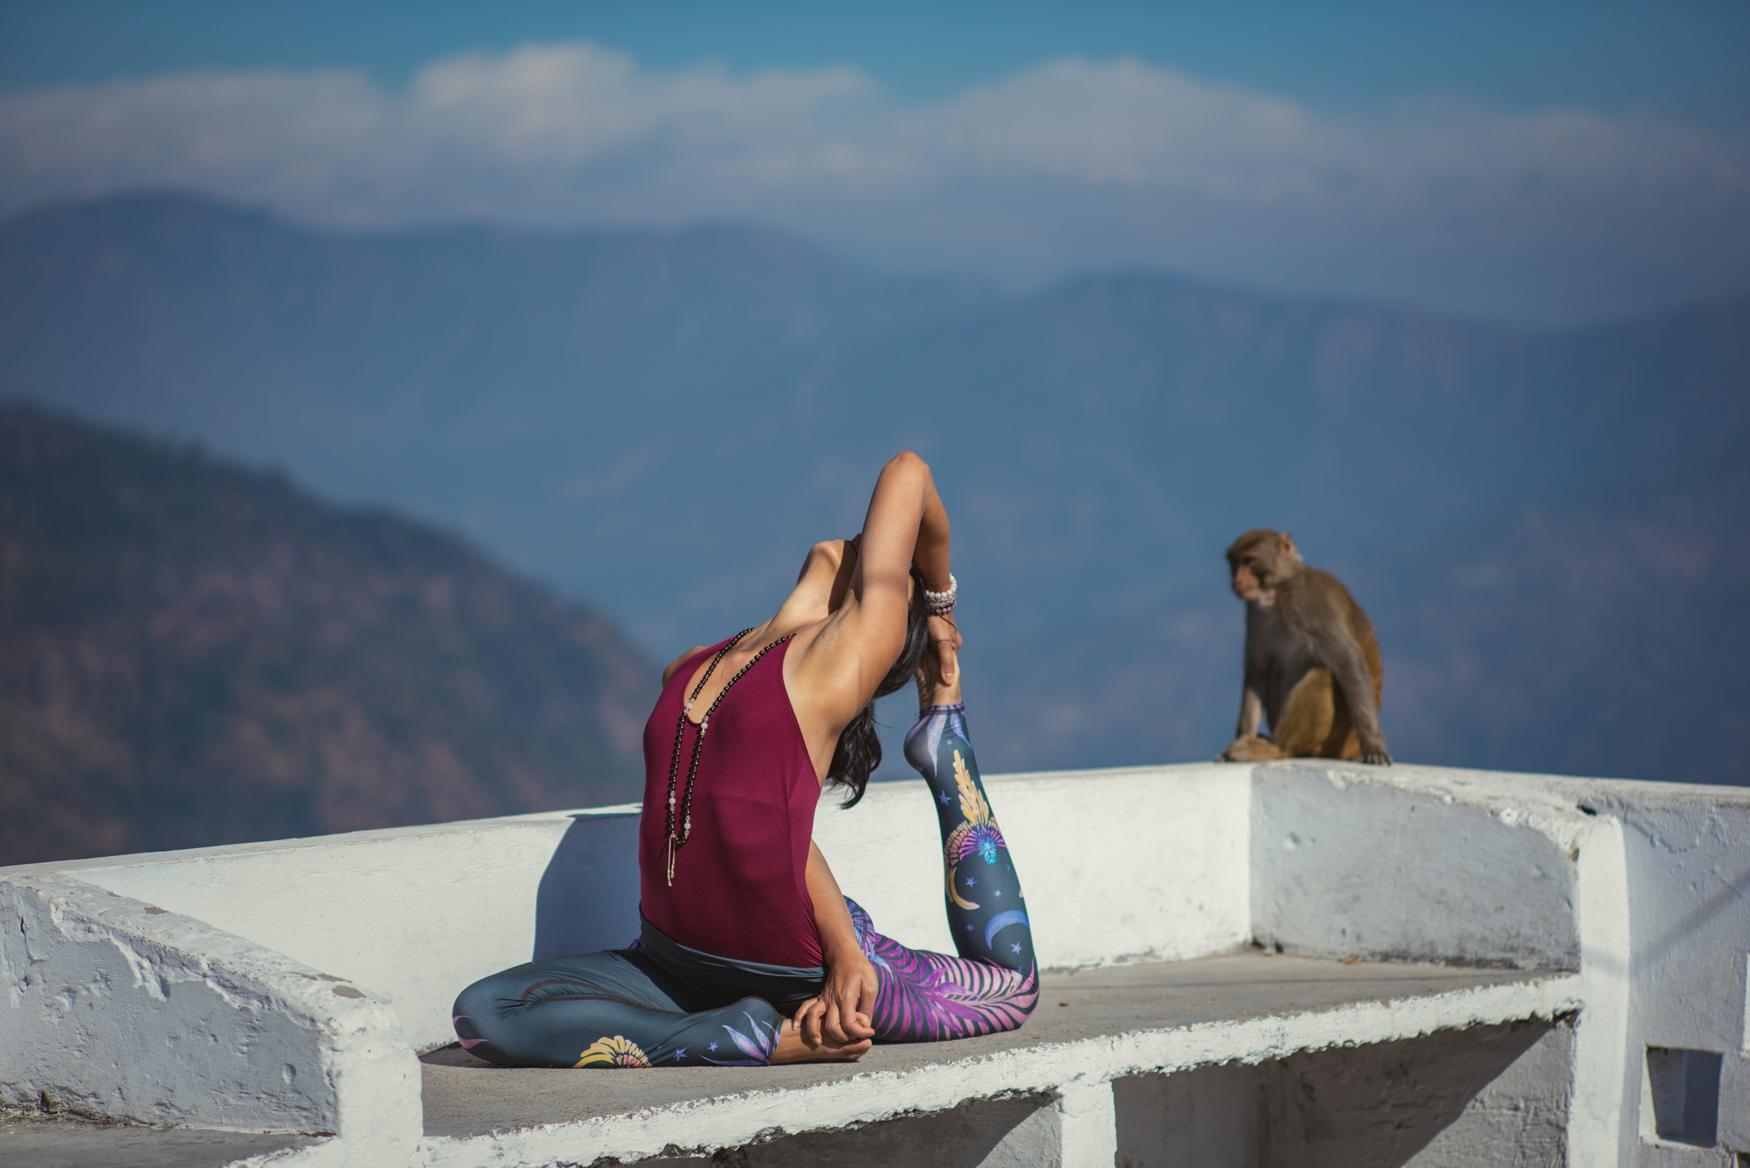 Yoga-Asana-Photography-Costa-Rica-8.jpg